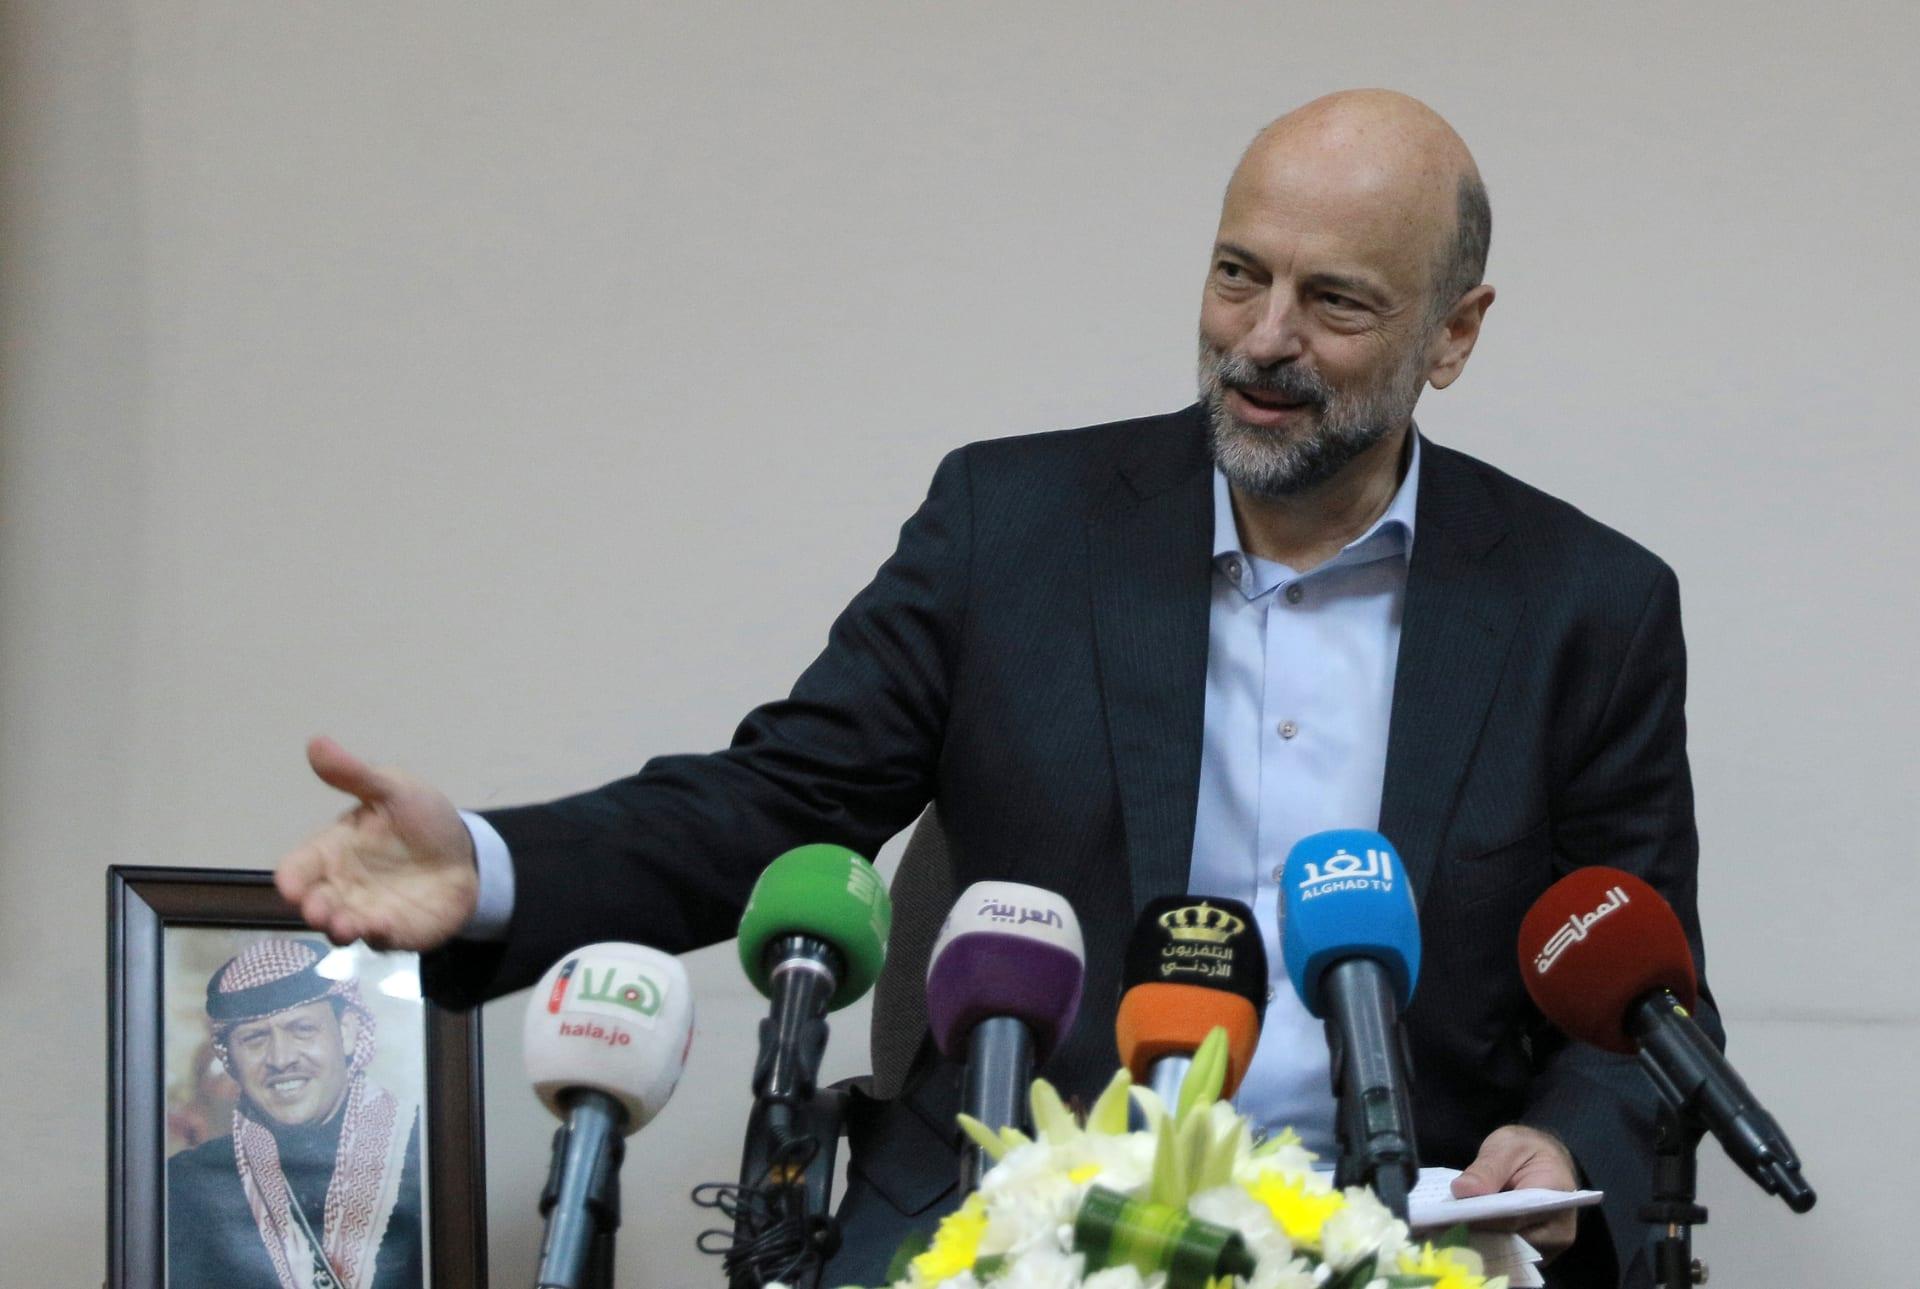 صندوق النقد الدولي يتوصل إلى اتفاق جديد مع الأردن بقيمة 1.3 مليار دولار